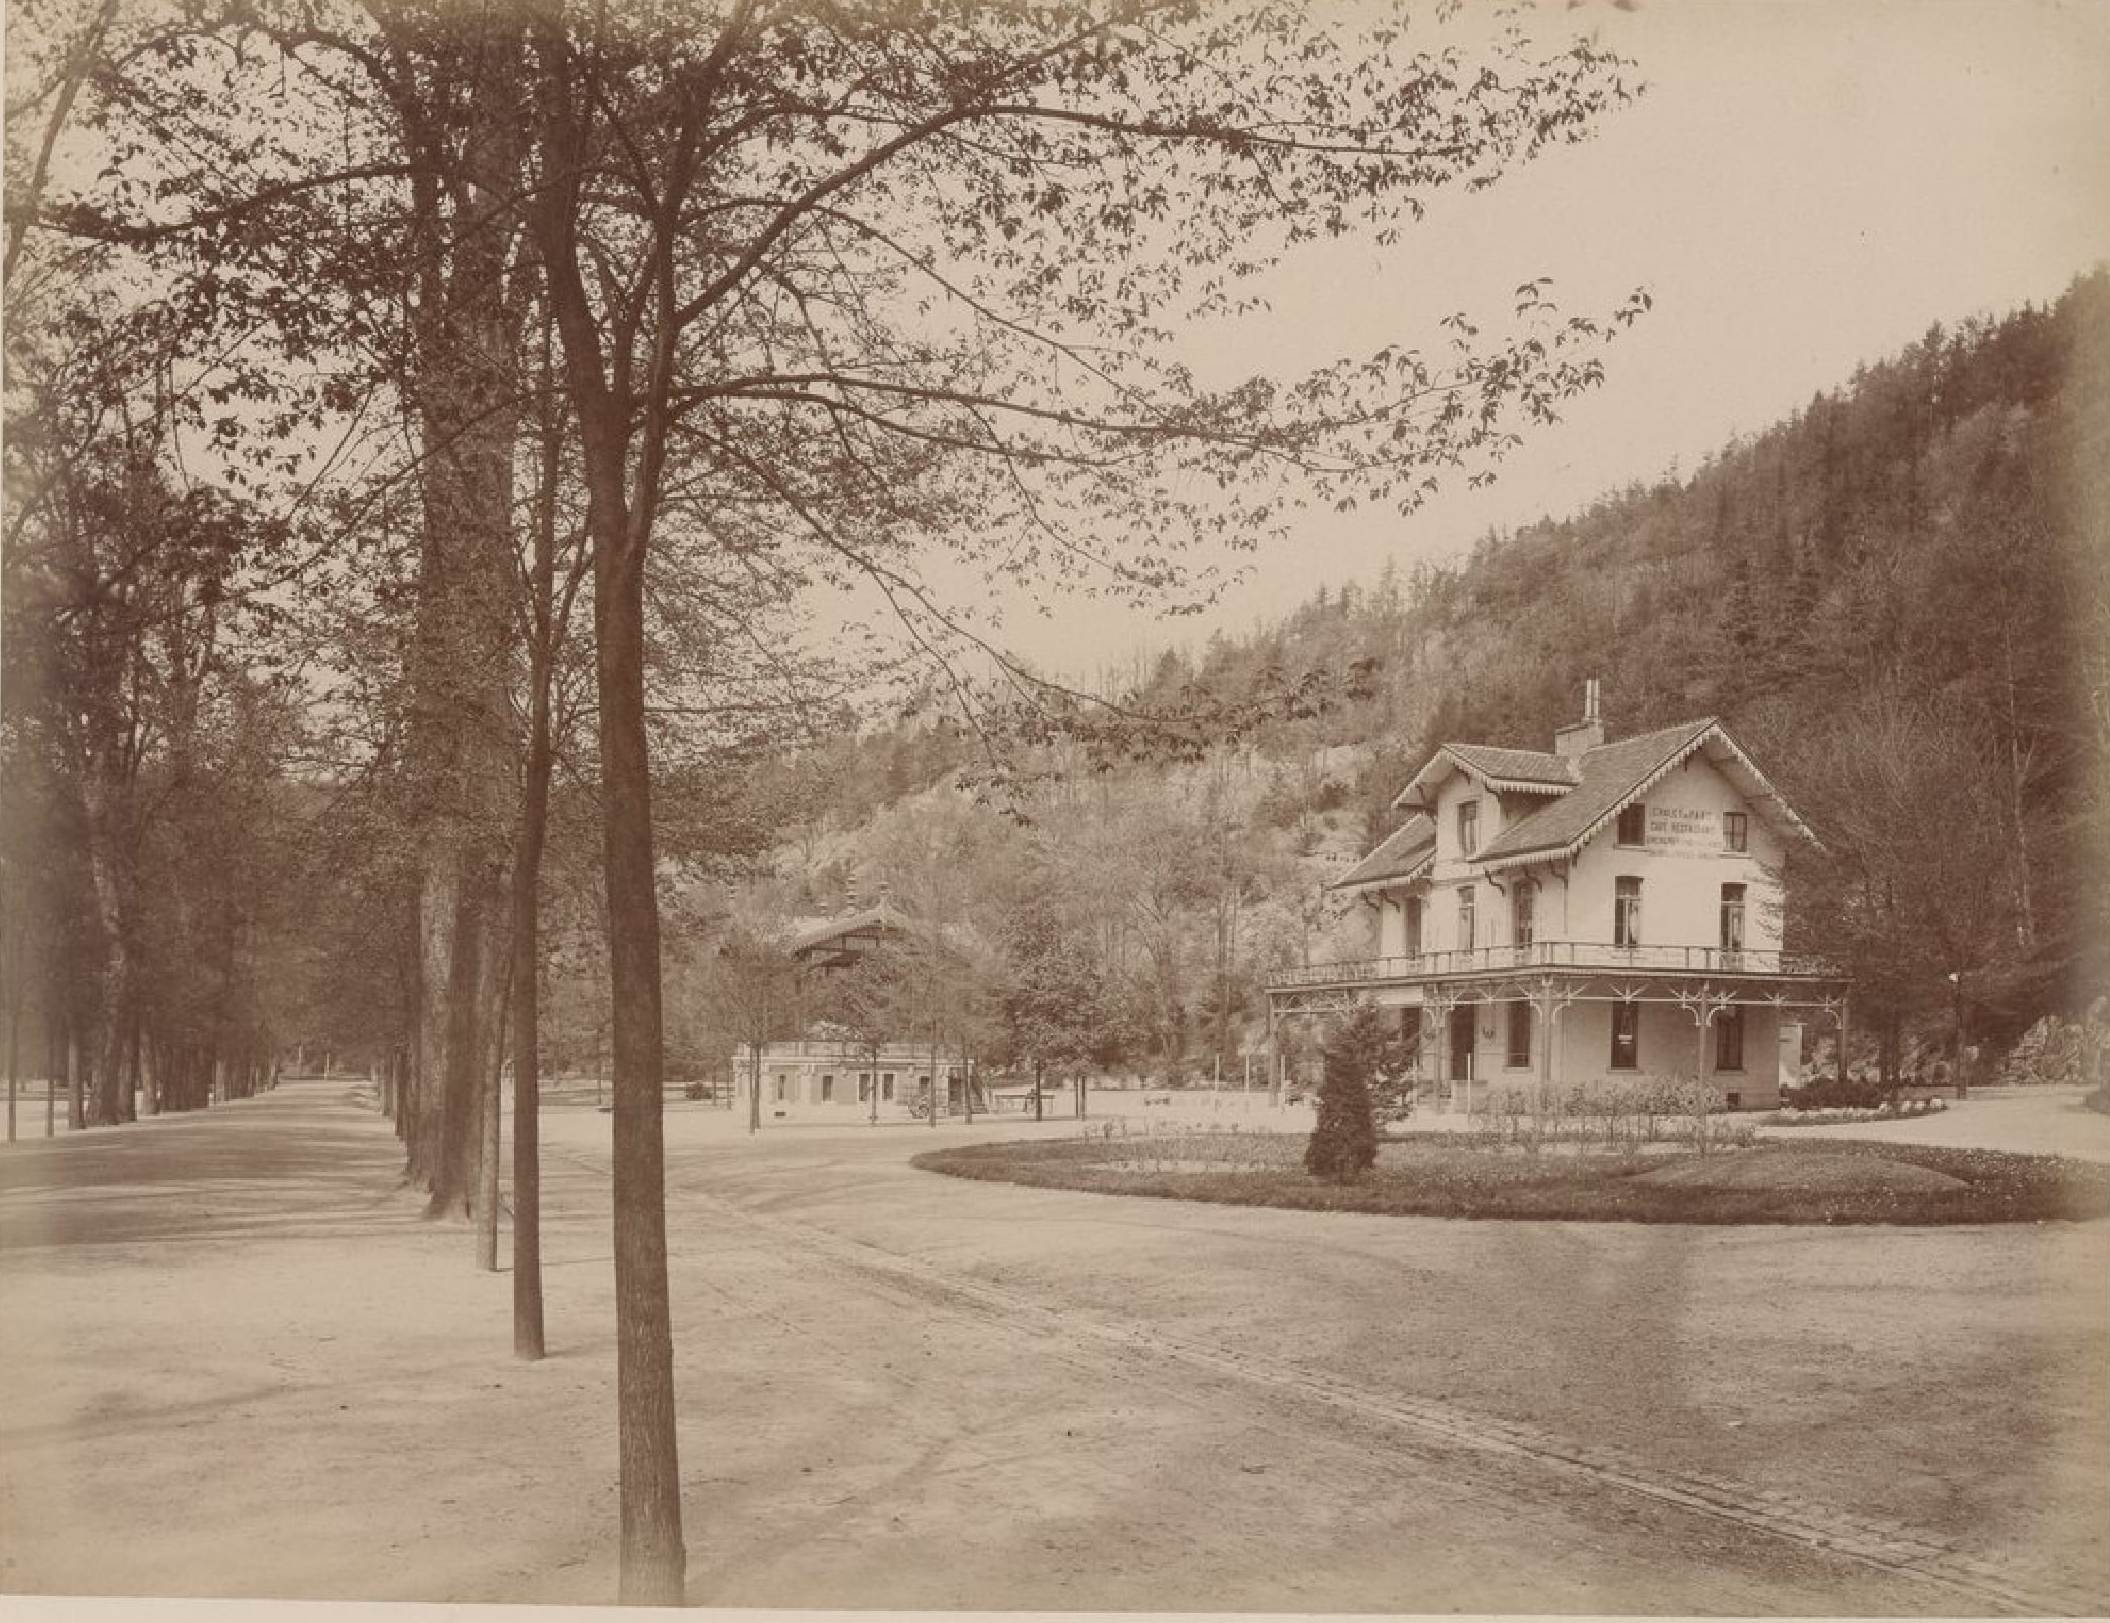 Бельгия. Спа. Коттеджи и Аллея. 20 мая 1888